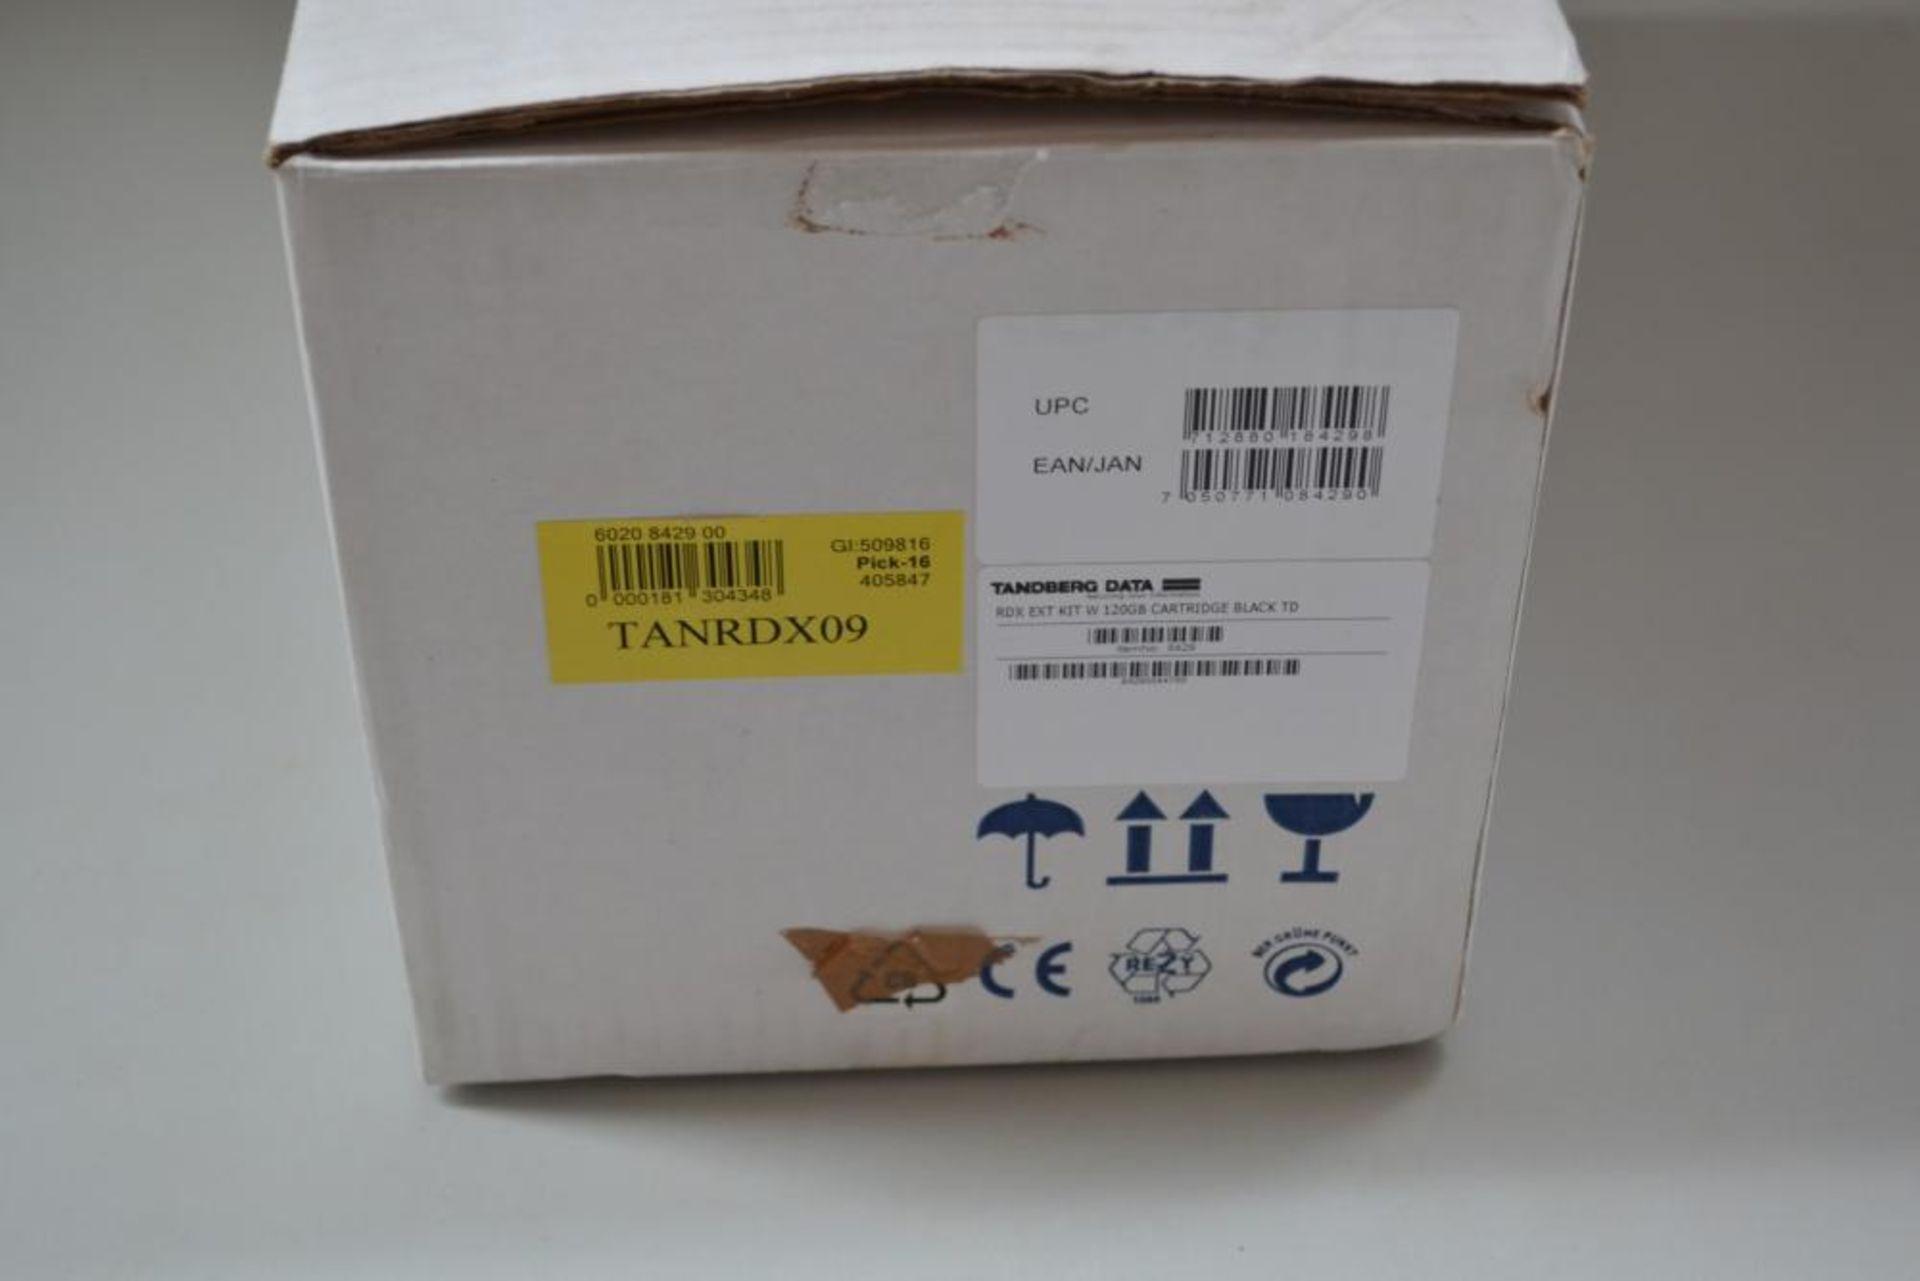 Lot 3598 - 1 x Tandberg External RDX Drive Dock - Ref HK213 - CL394 - Location: Altrincham WA14 - HKPal1 <b